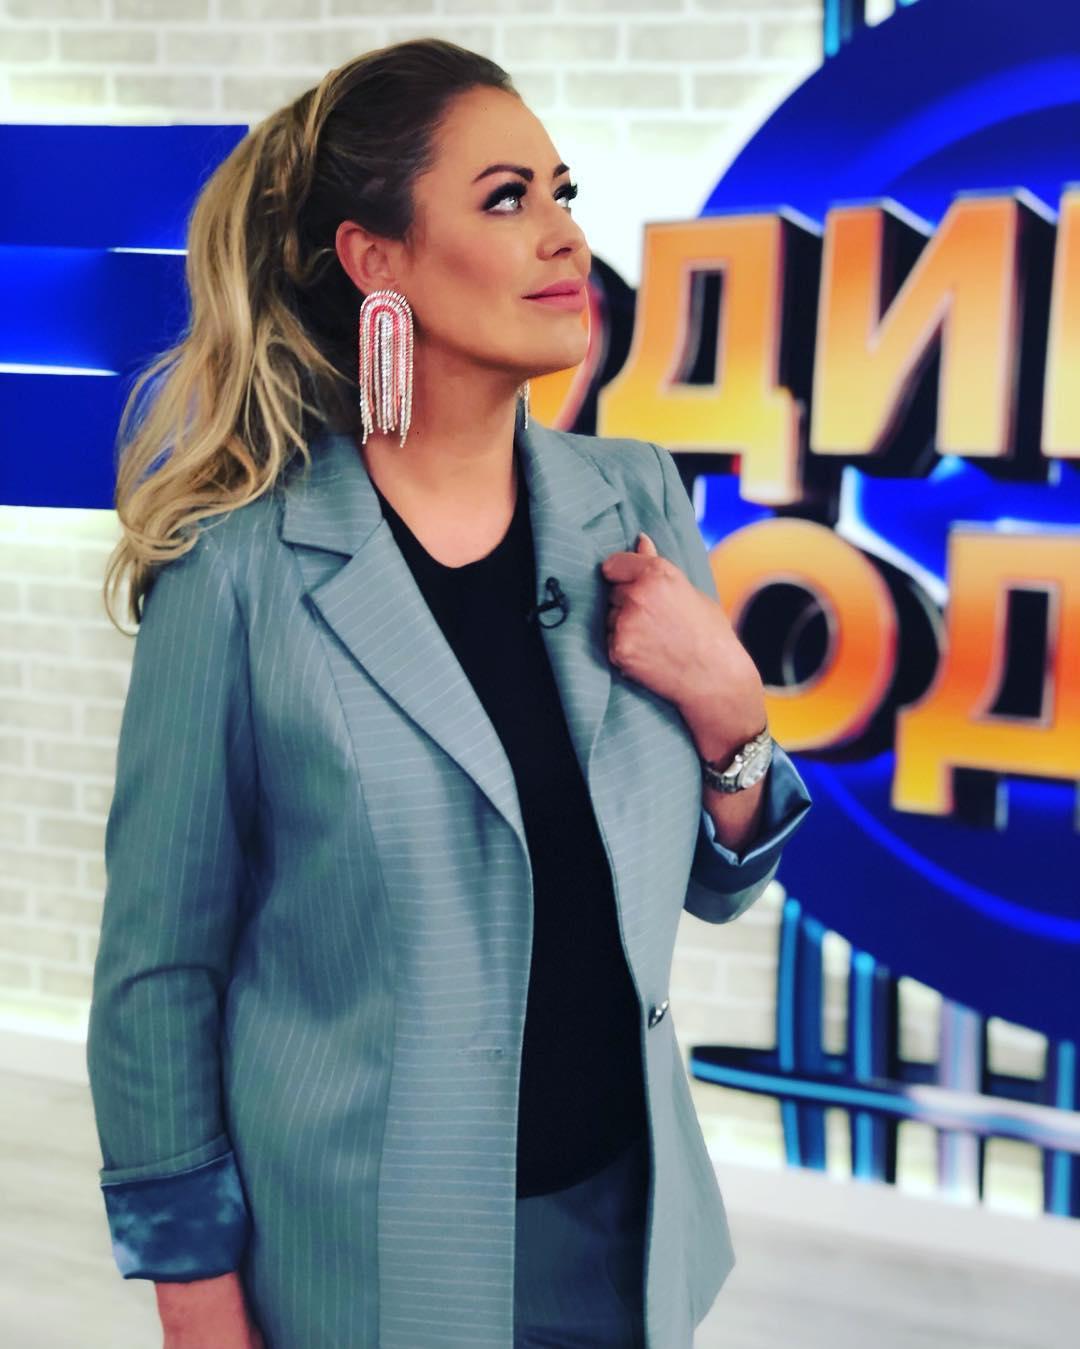 Юлия Началова новости последние: подагра убивает певицу